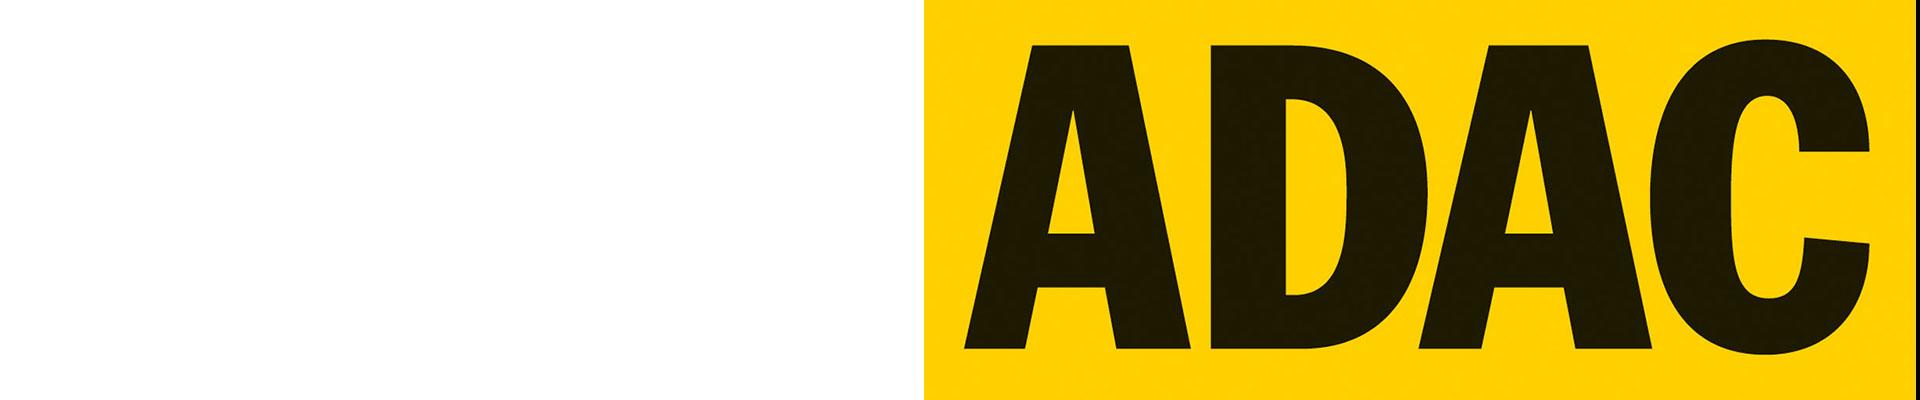 https://my-fahrschule.com/wp-content/uploads/2020/07/ADAC-Mitgliedschaft-fuer-ein-Jahr-gratis-BG.jpg